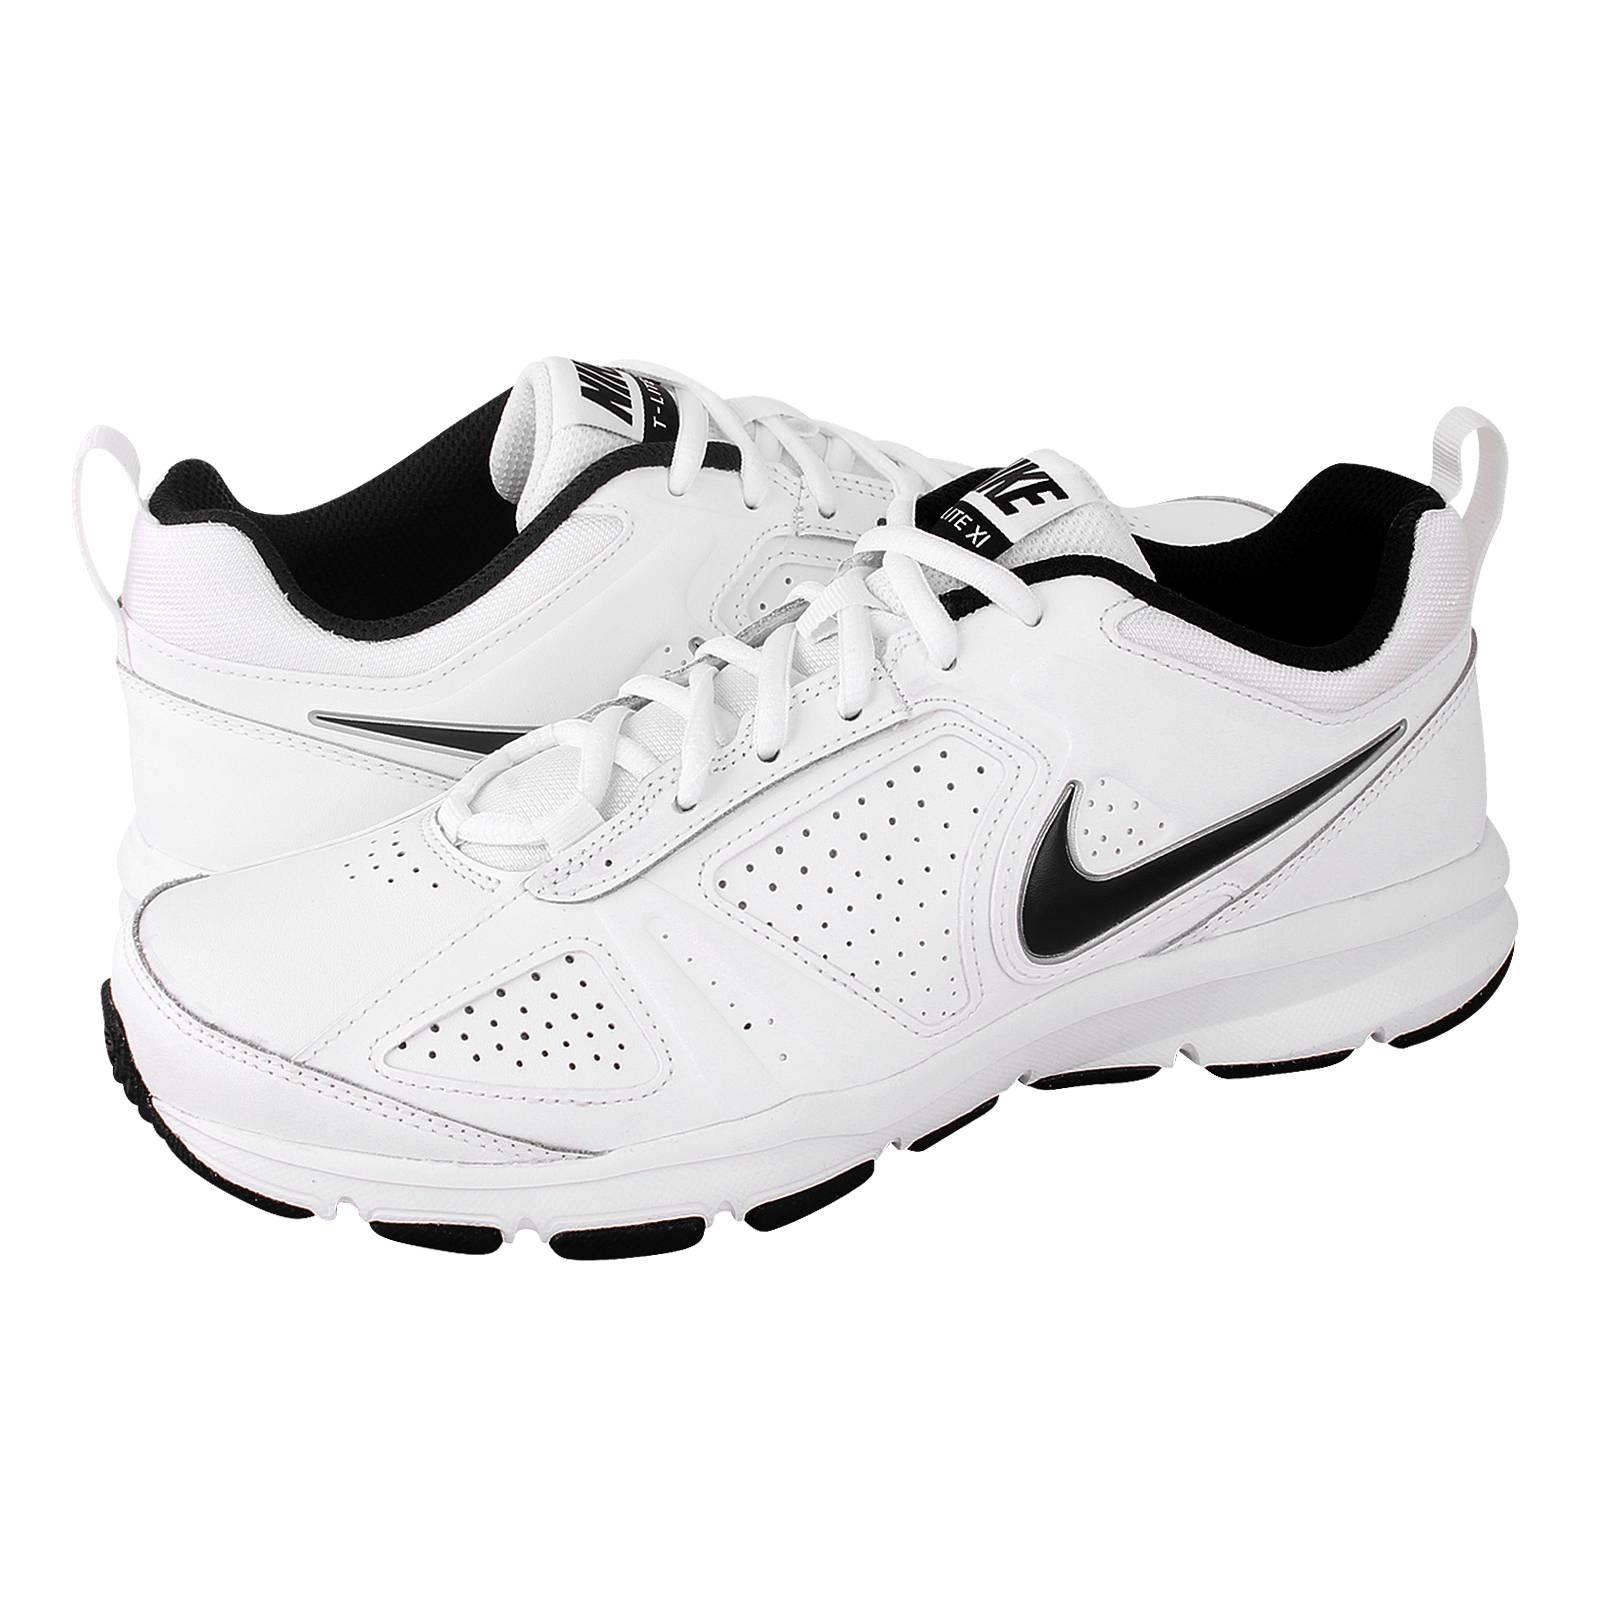 sale retailer de77f 09137 Nike T-Lite XI athletic shoes. T-Lite XI